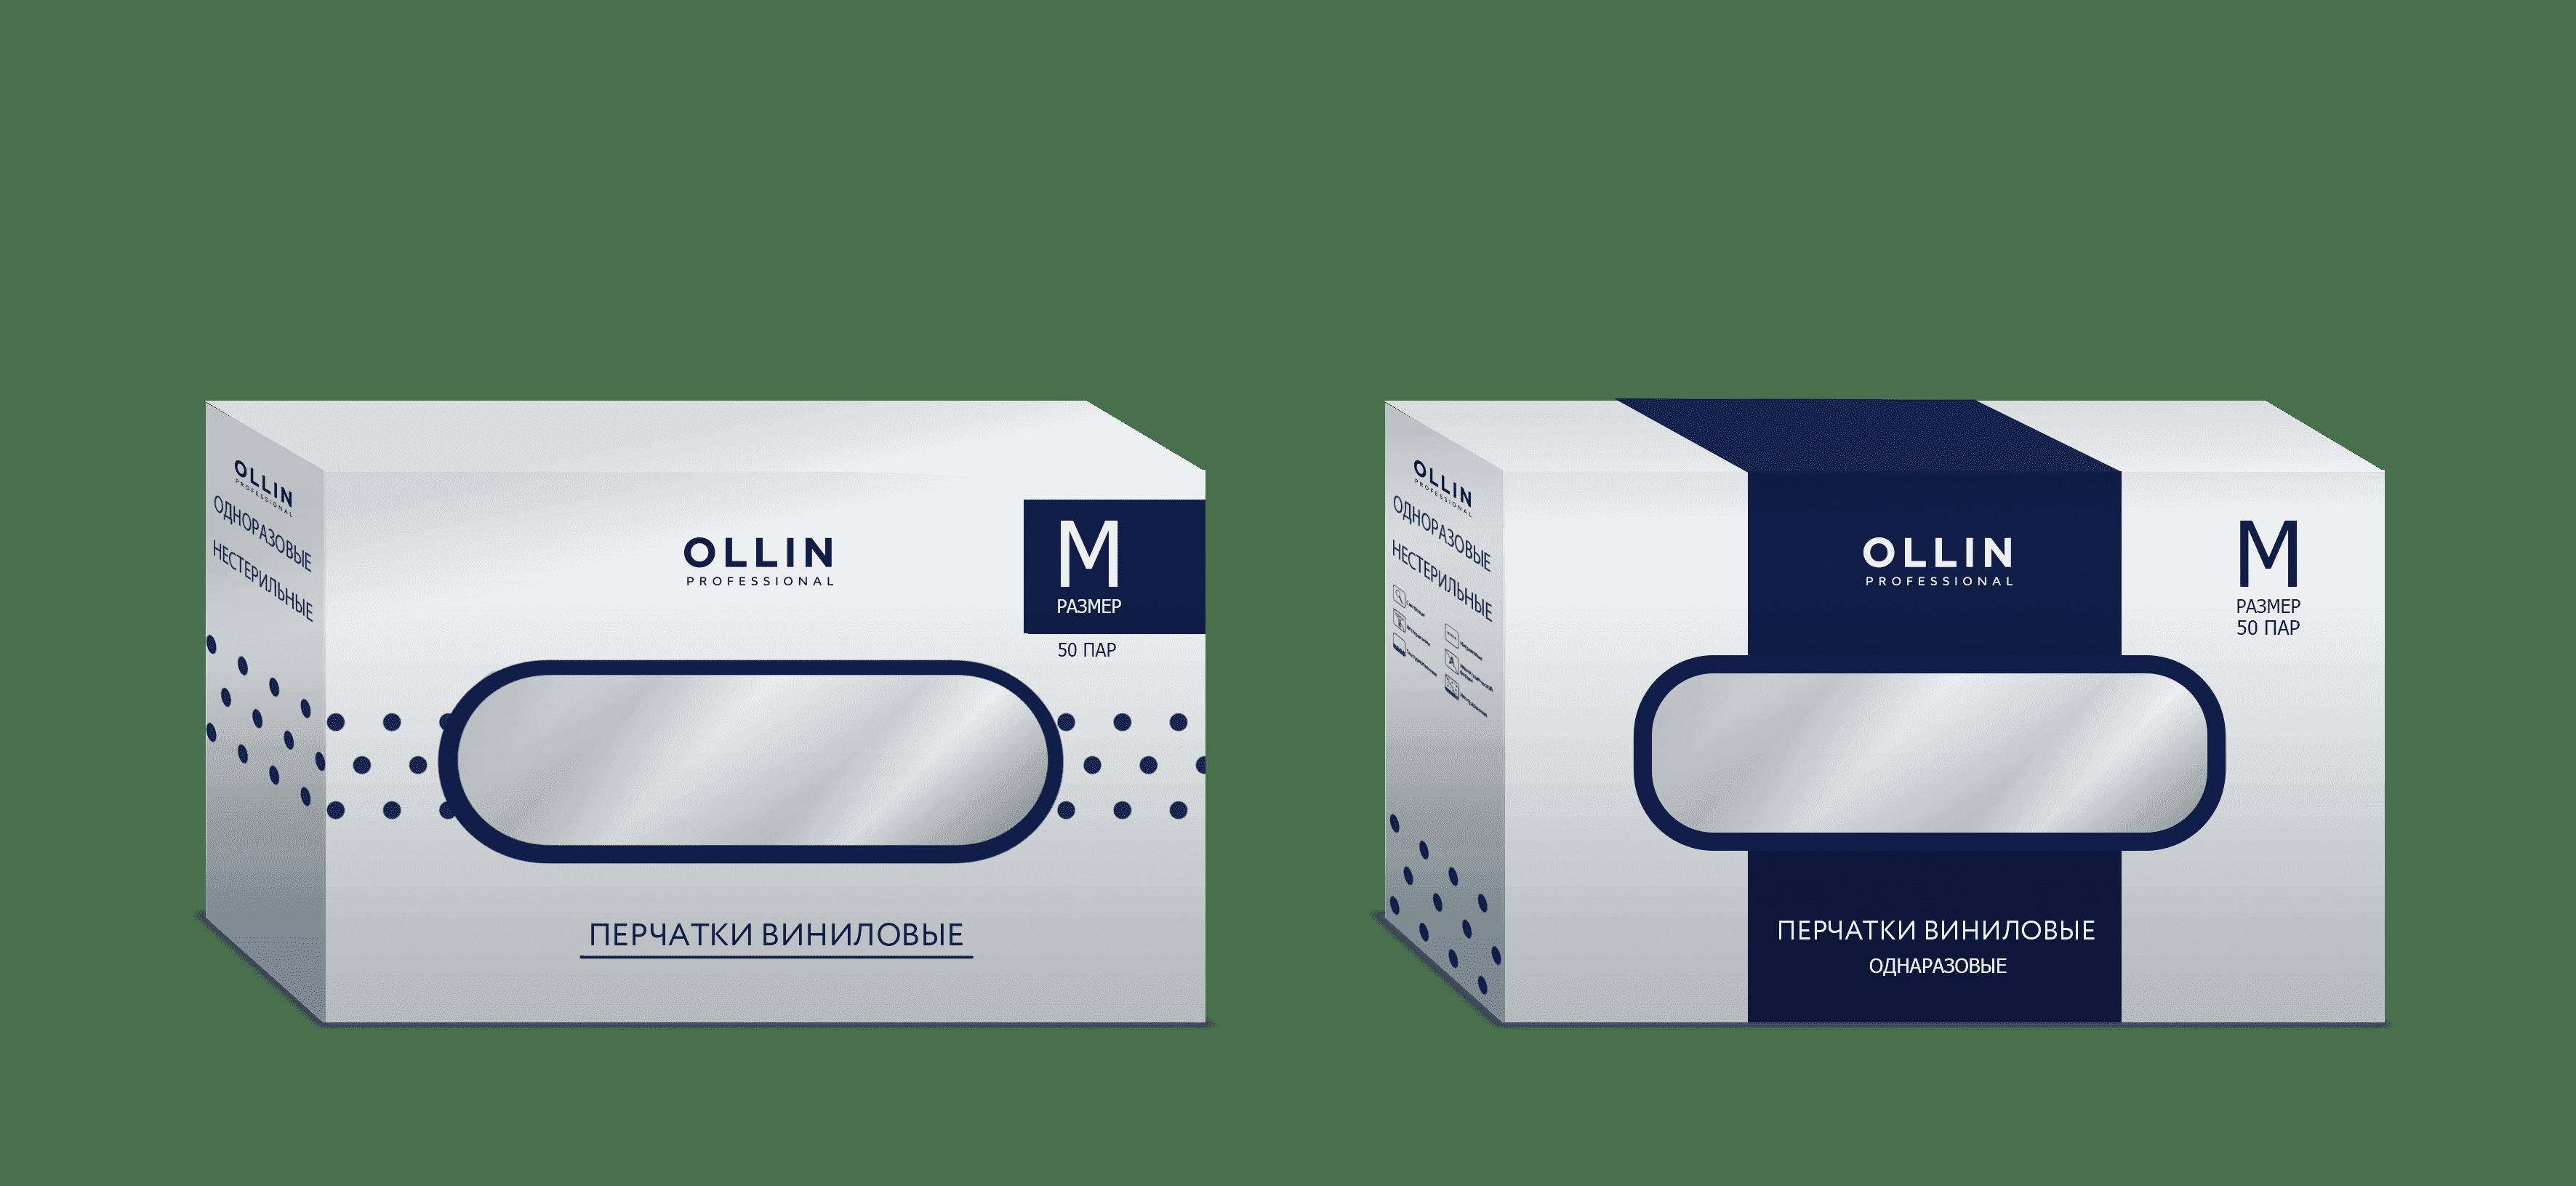 OLLIN Professional, Перчатки виниловые неопудренные бесцветные (3 размера) 100шт/уп, 100шт./уп. Размер M цена и фото